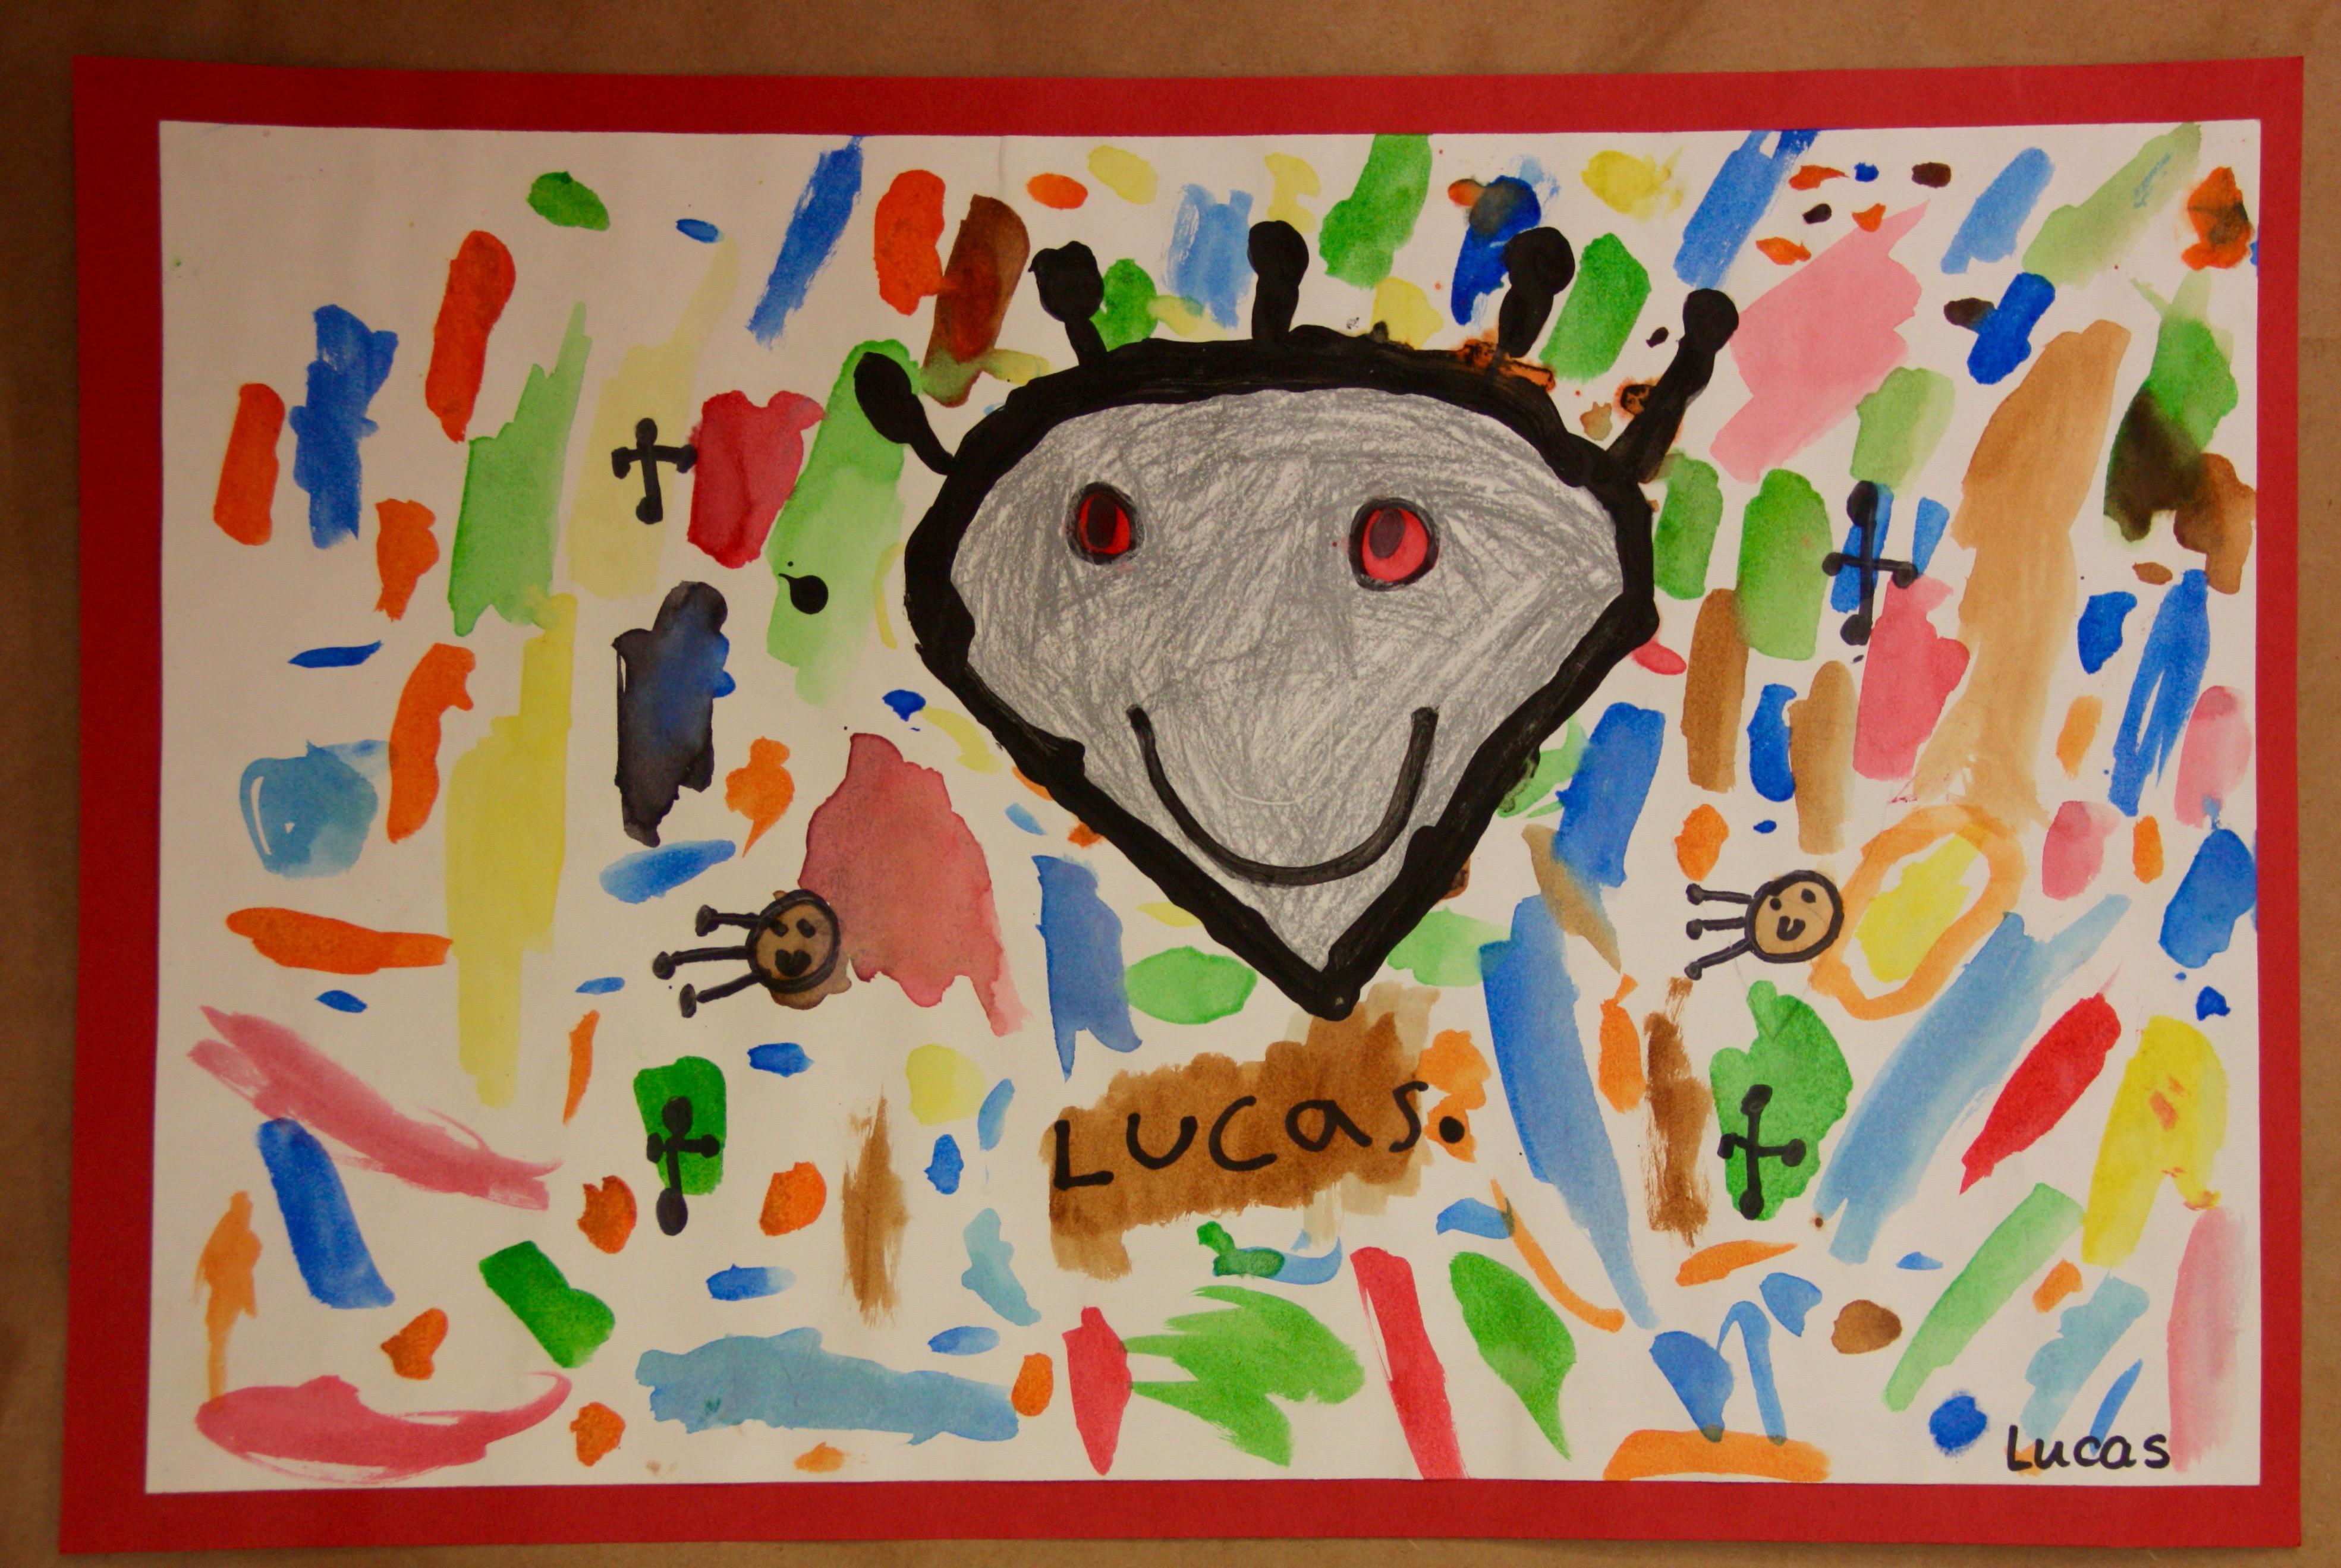 Luca S.